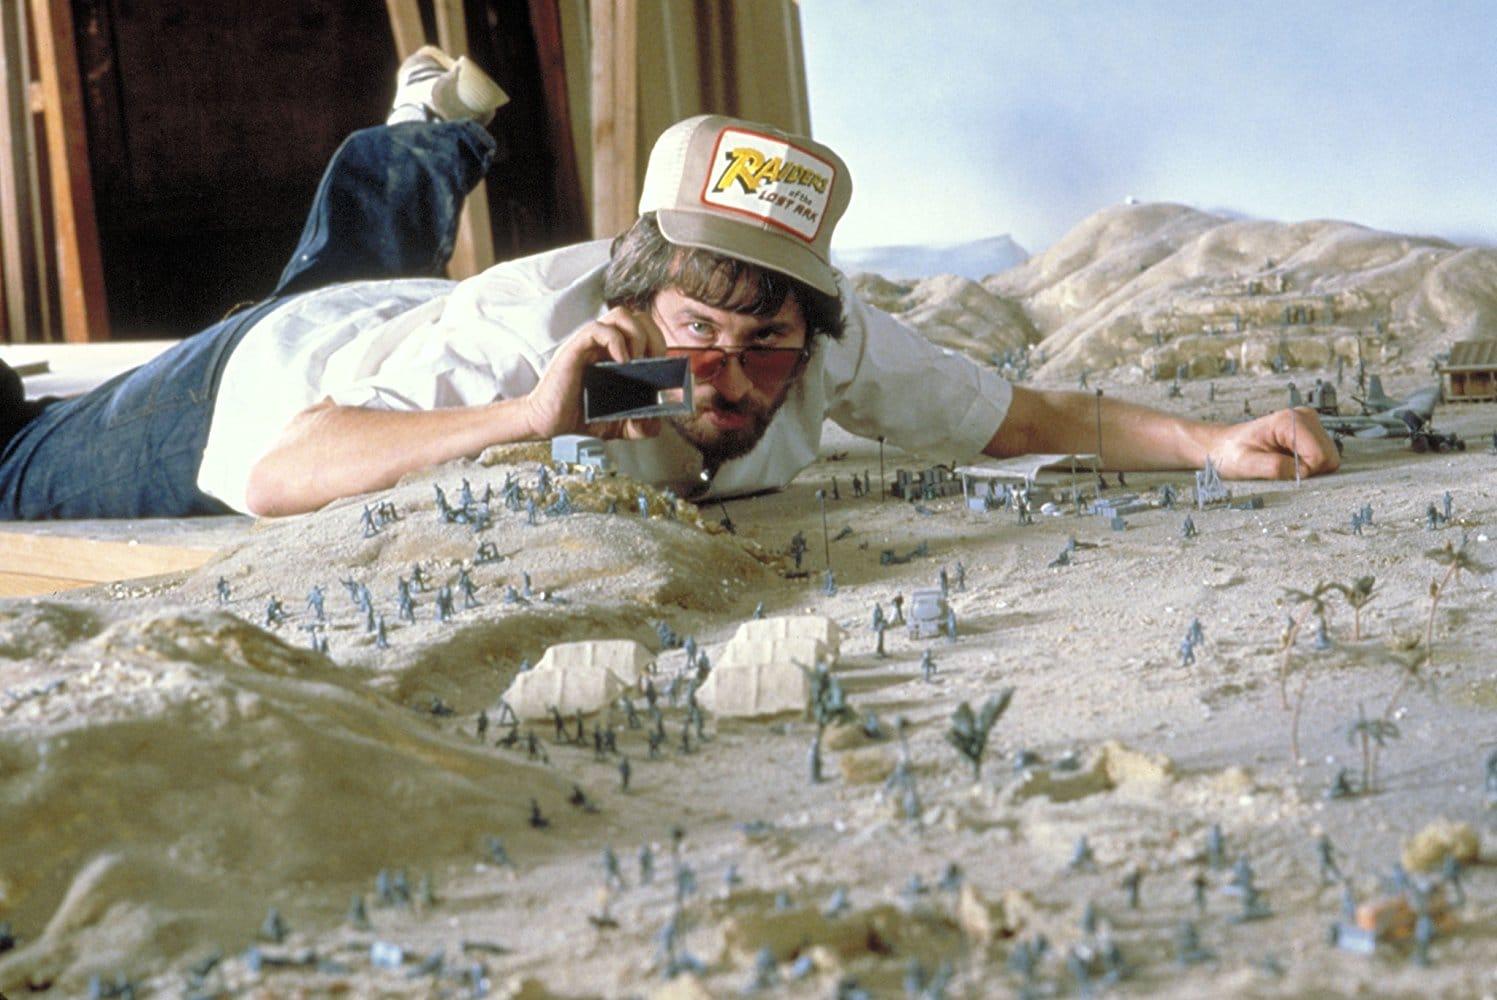 Spielberg-and-Raiders.jpg